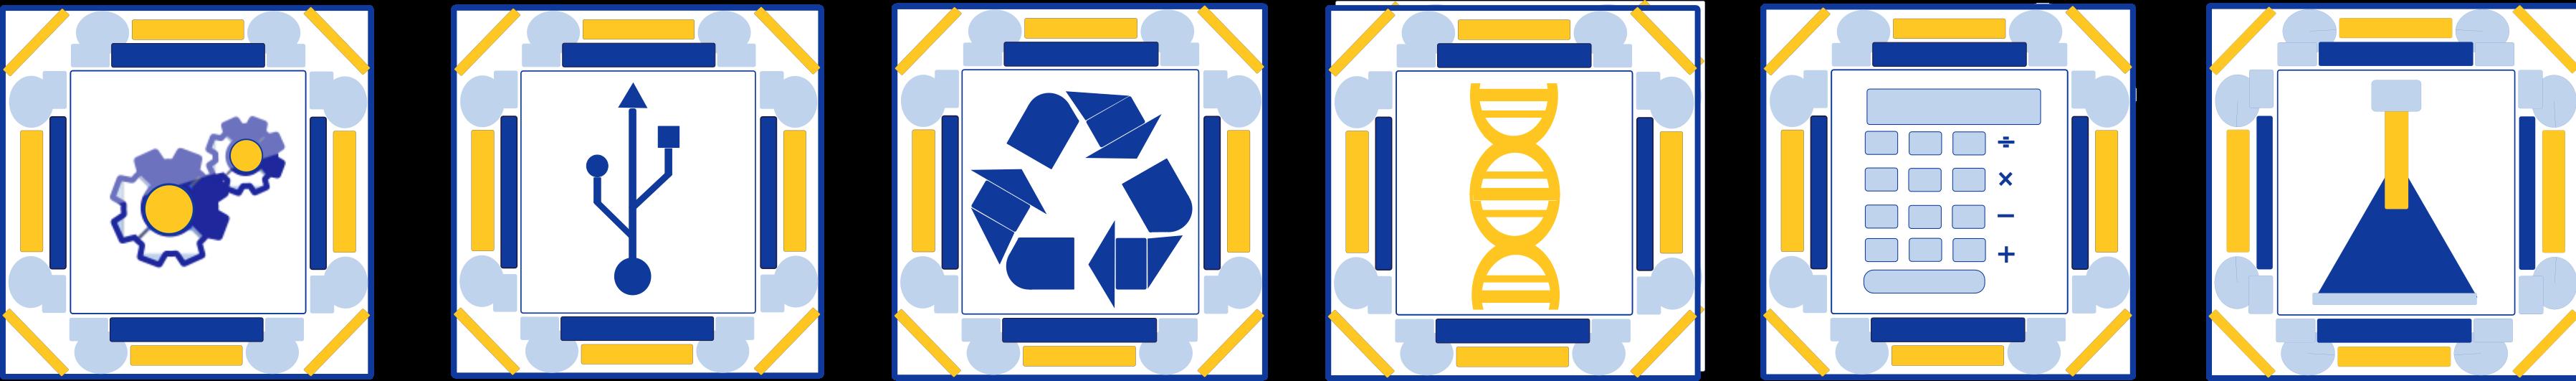 azulejos STEM-2